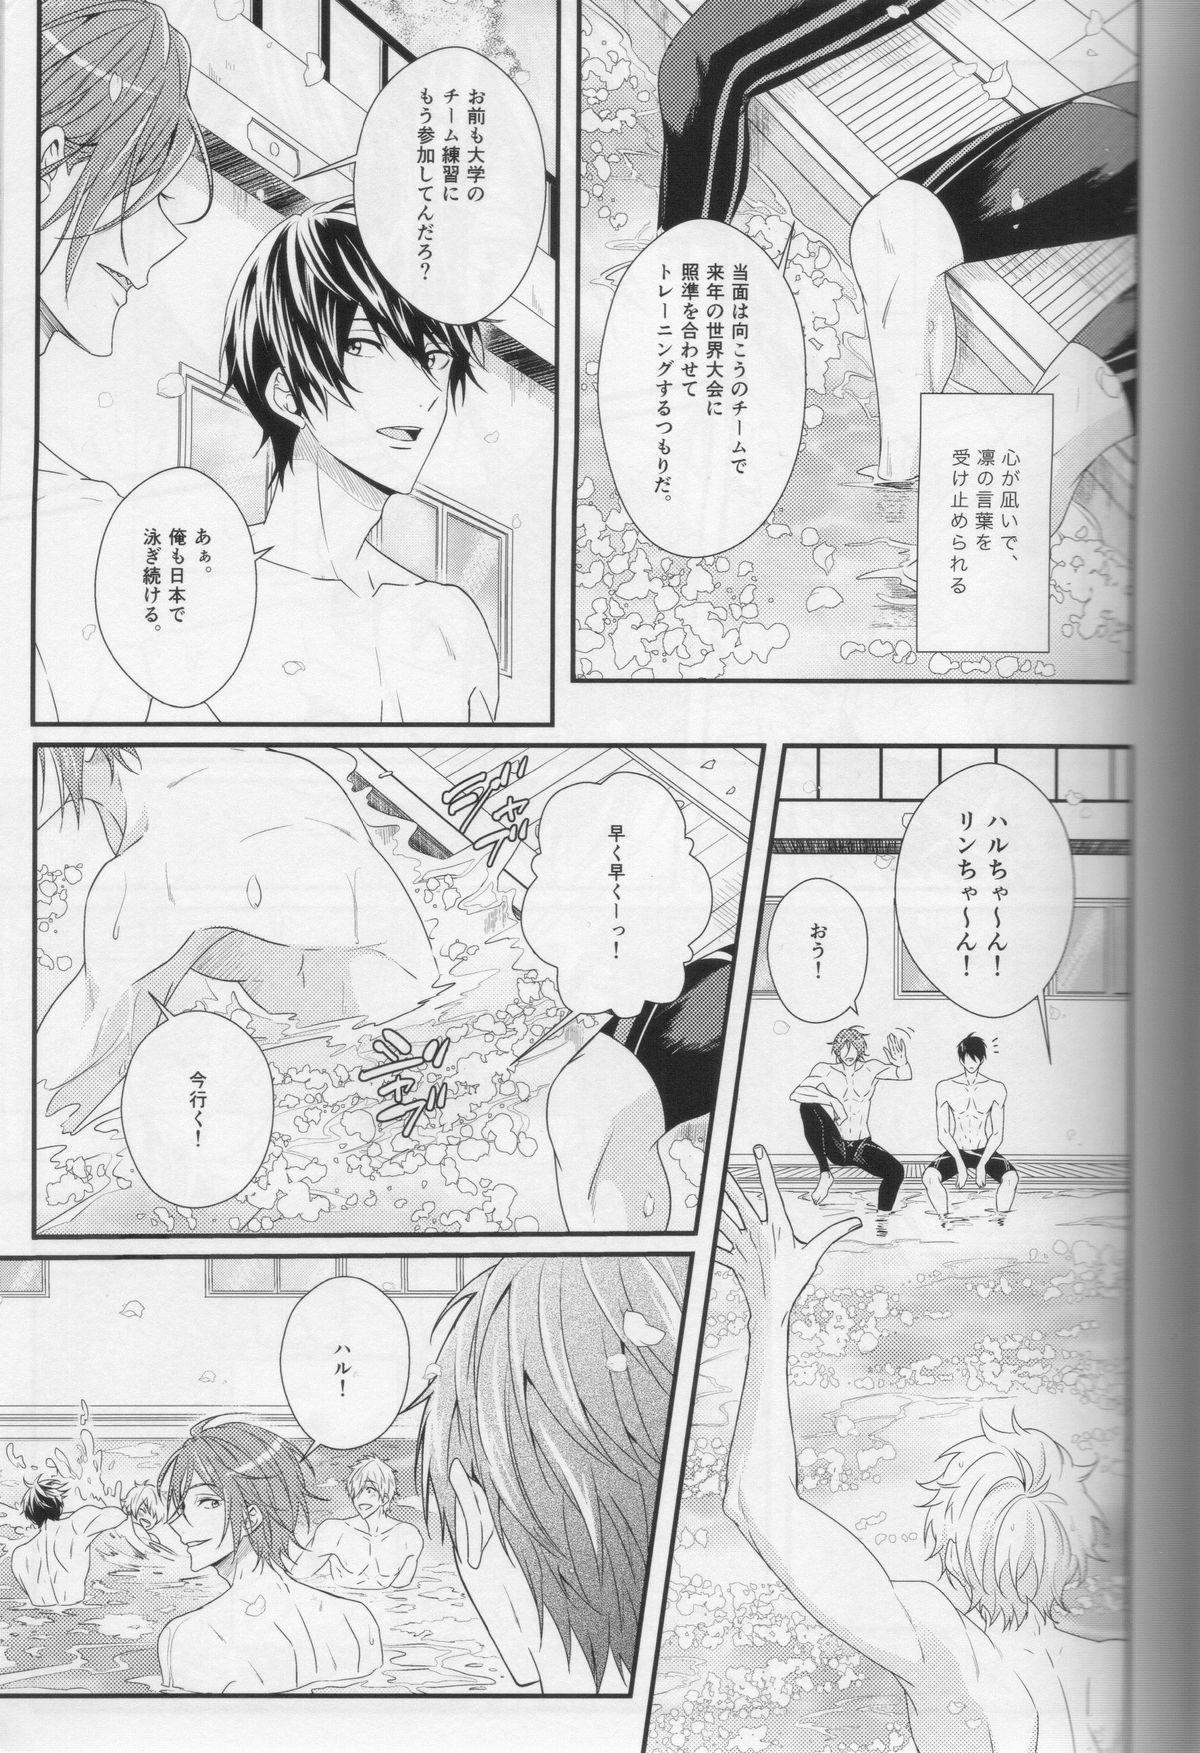 Minasoko no Blue Fish 8